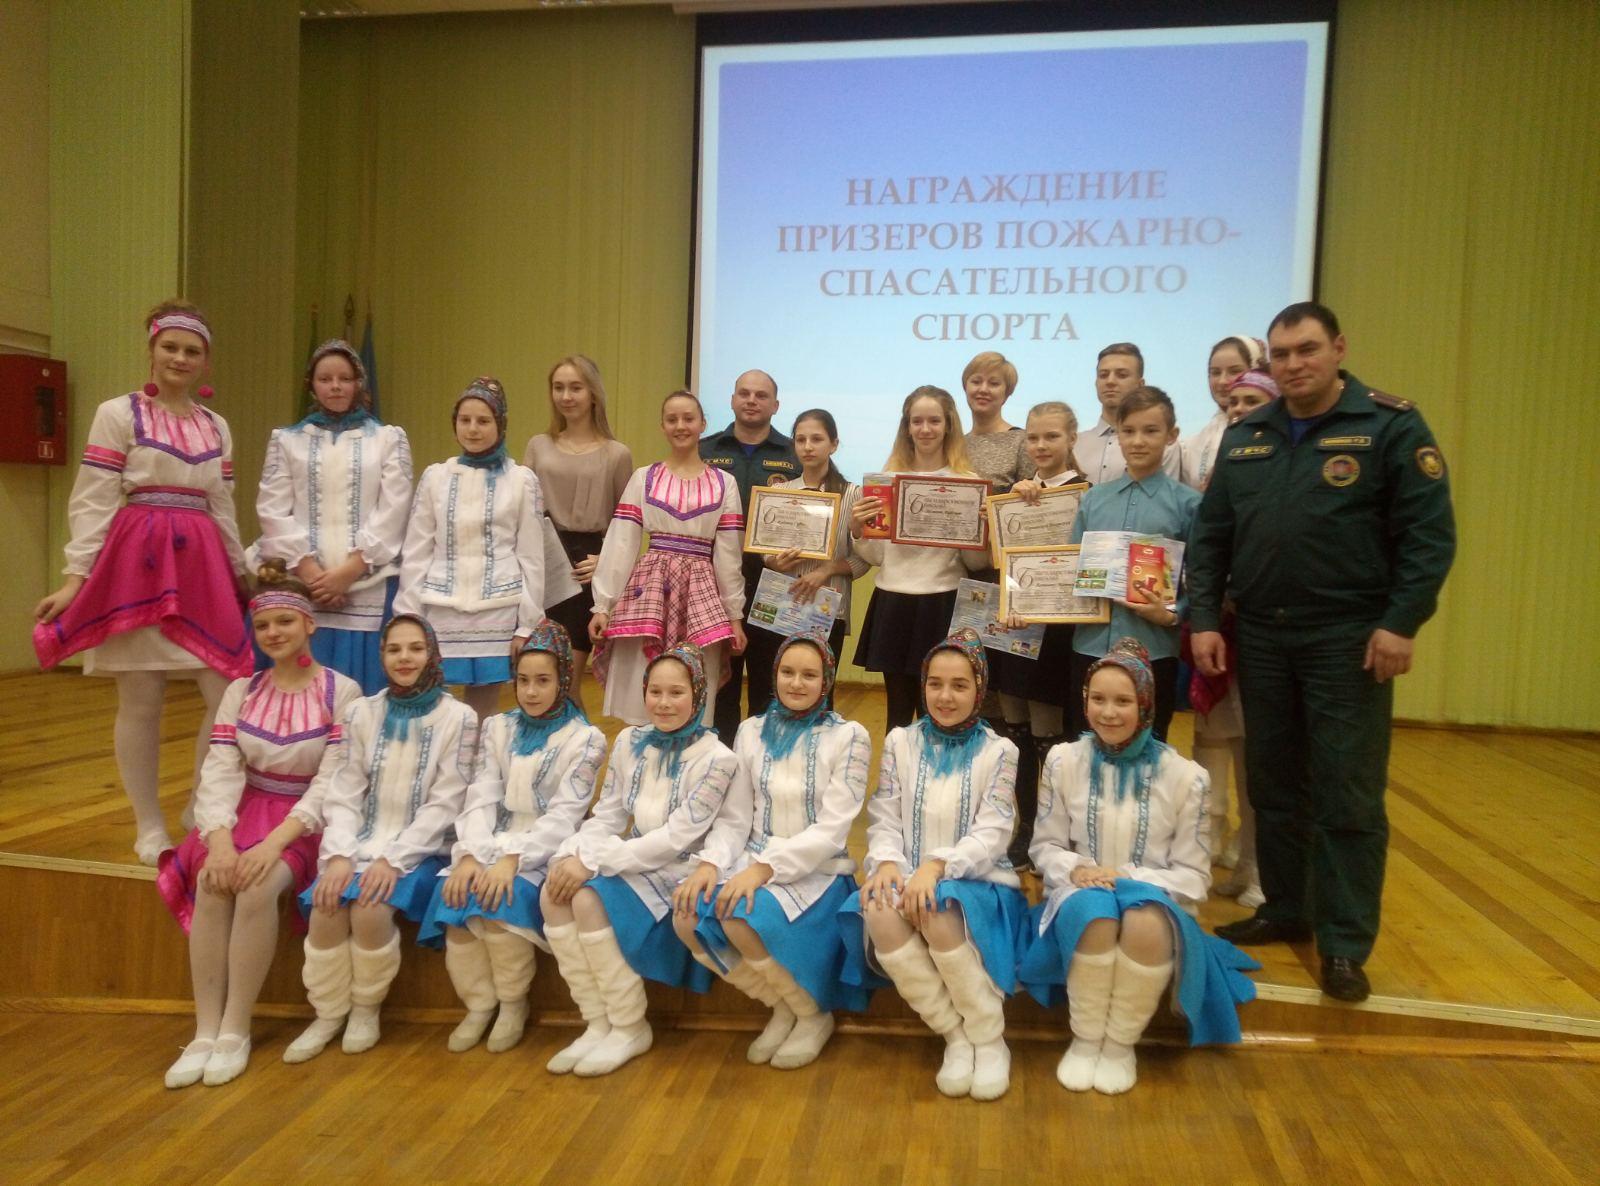 Торжественное награждение призеров пожарно-спасательного спорта